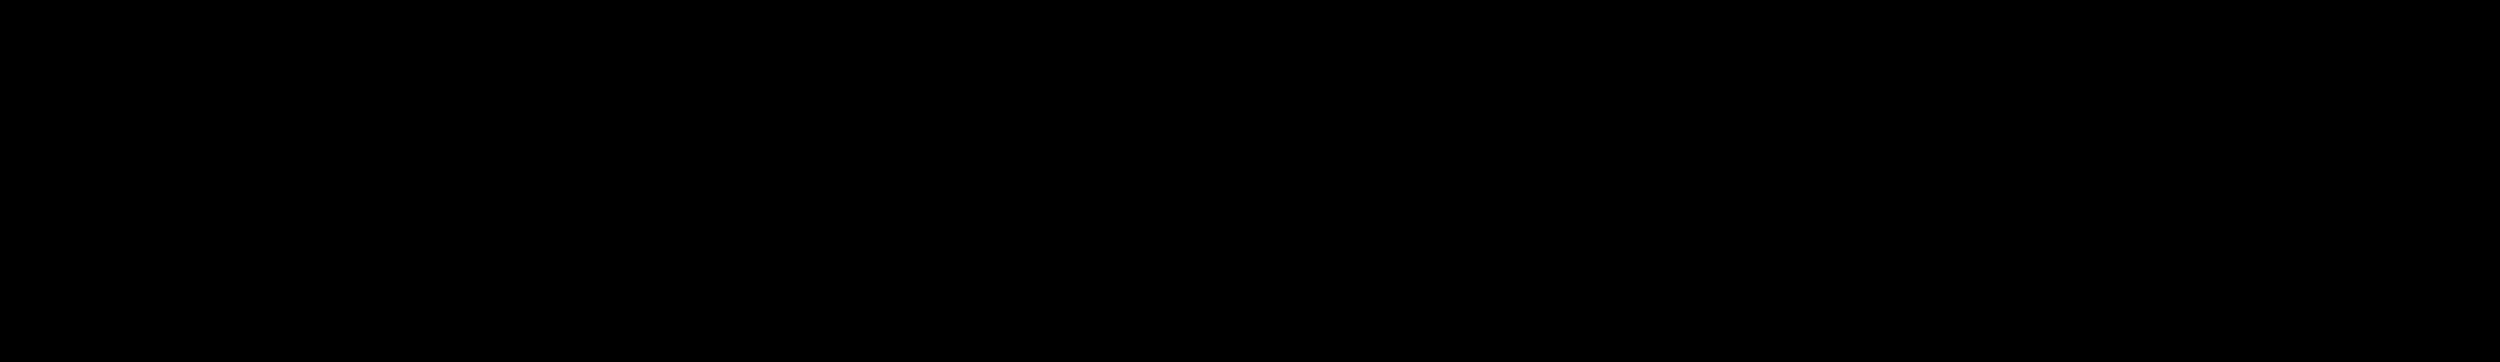 Logo_Neue_Zuercher_Zeitung_schwarz_rgb_1200dpi.png